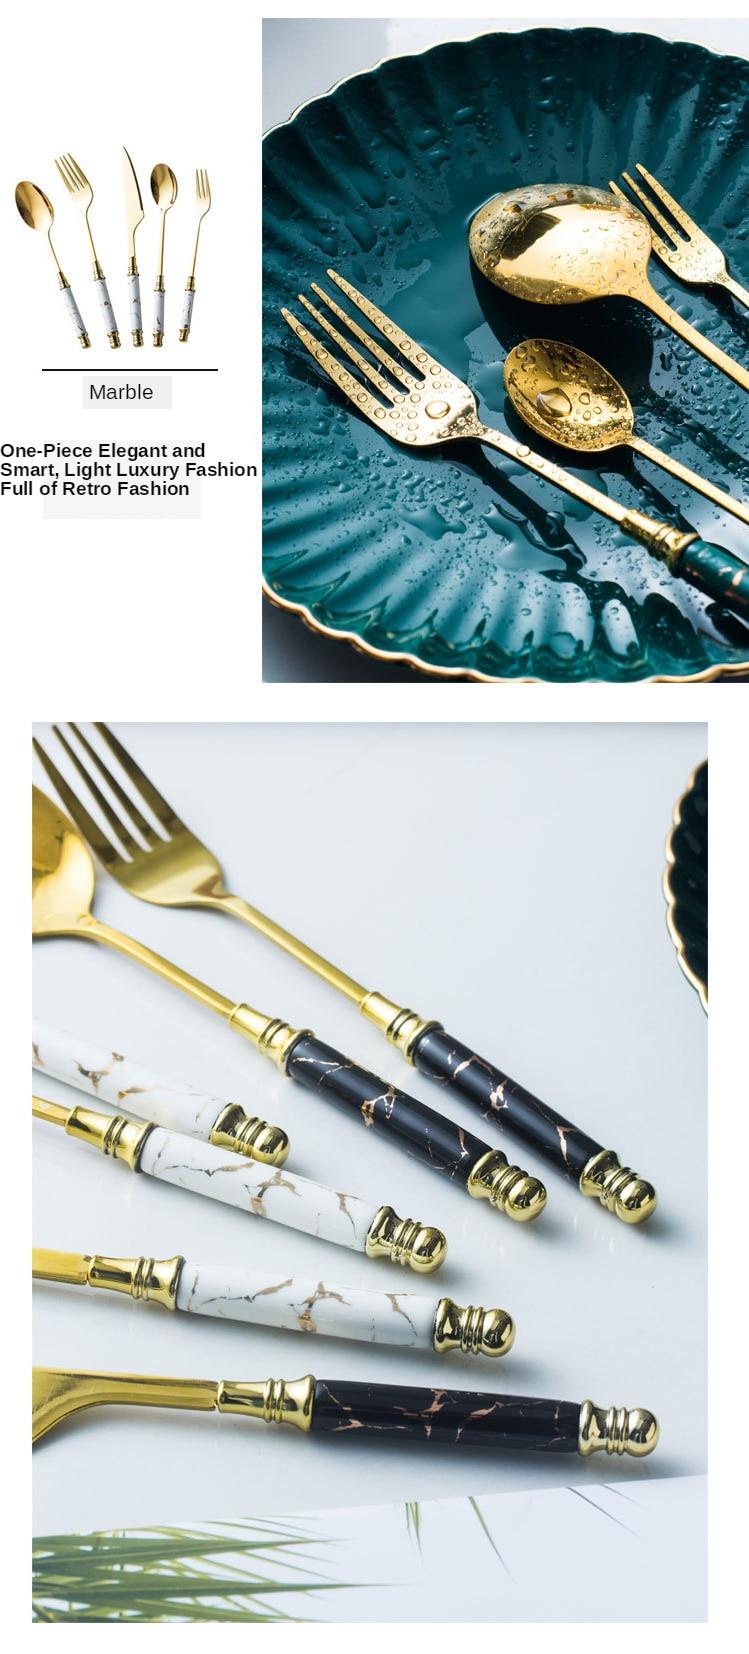 Knife_10.jpg